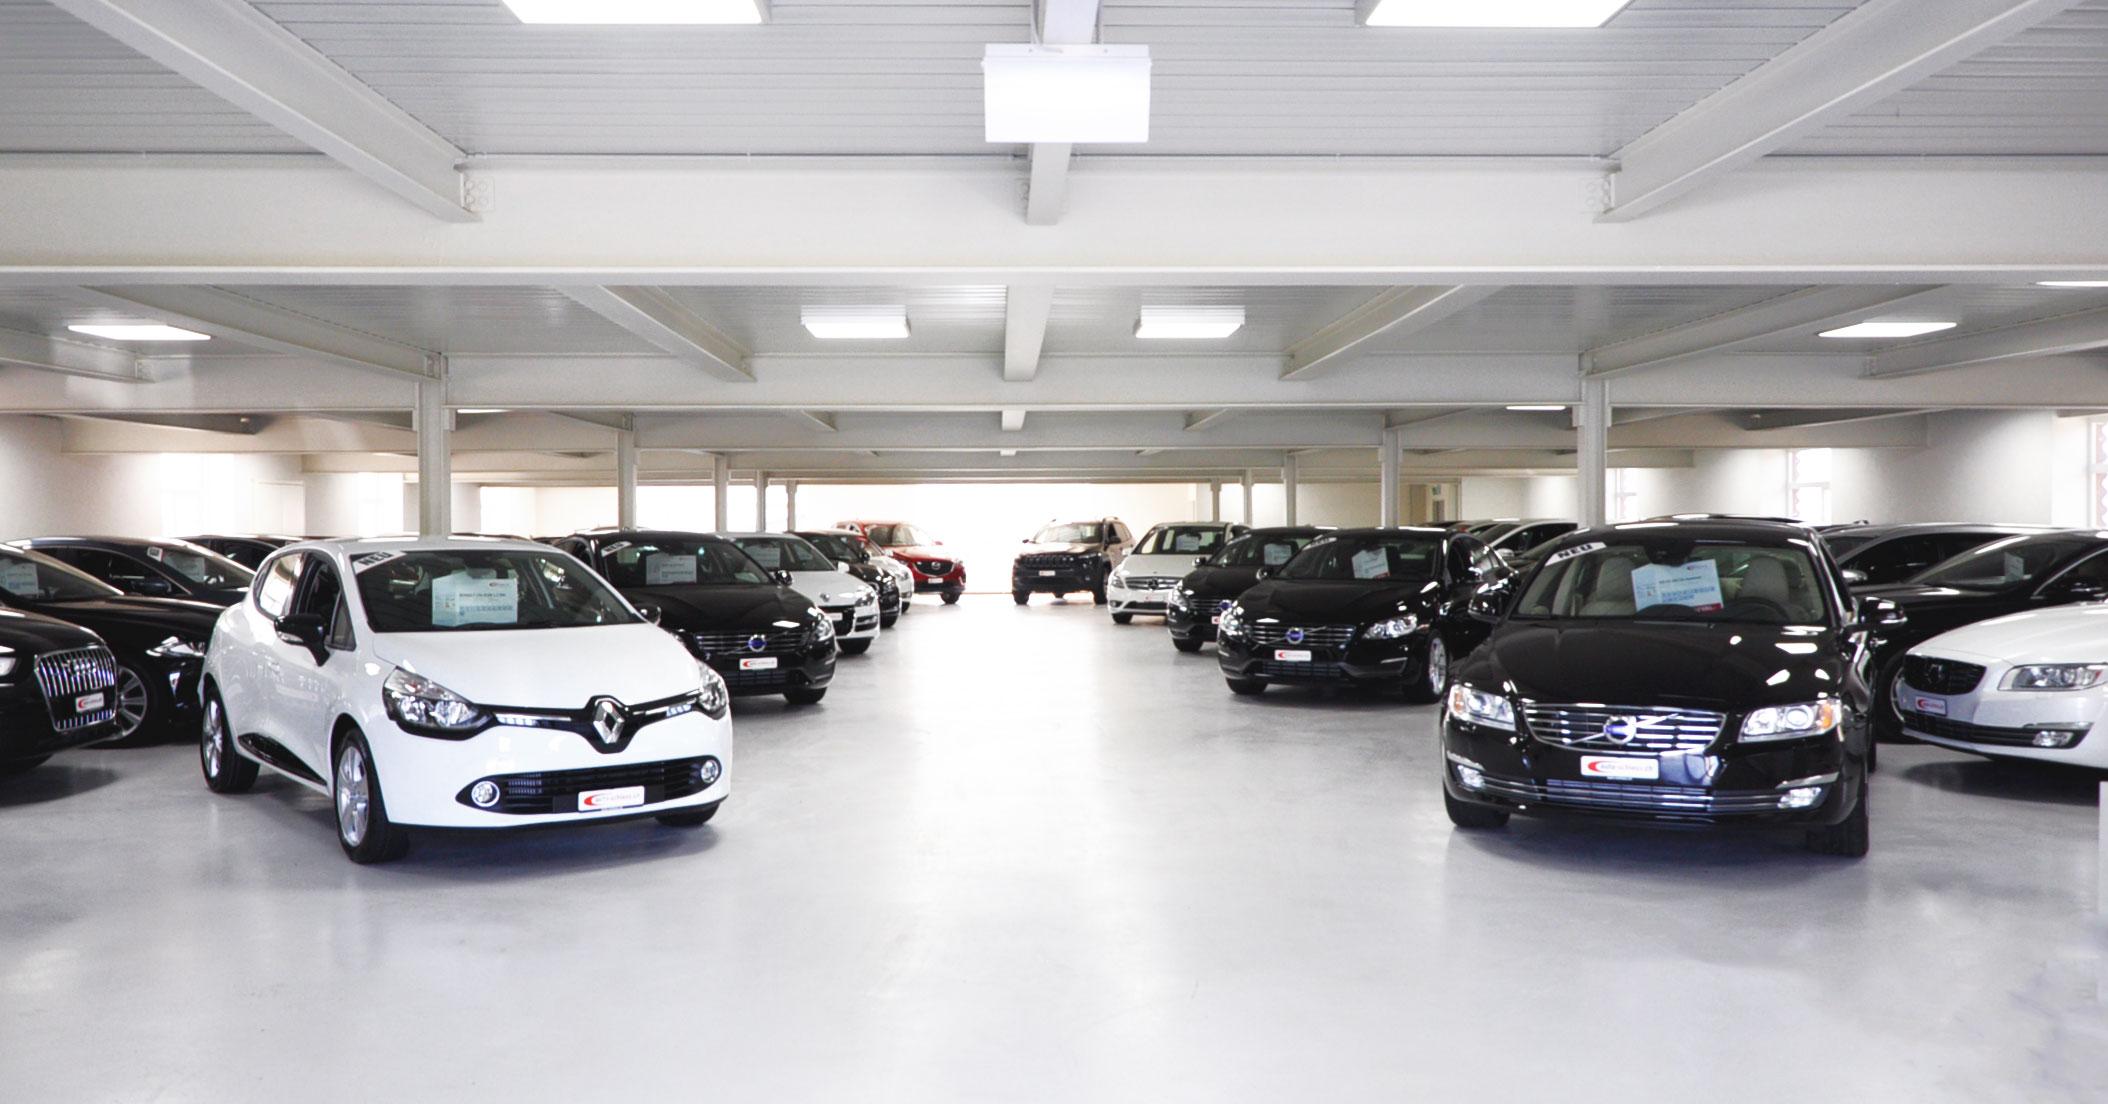 Autohaus schiess gemein günstige Preise